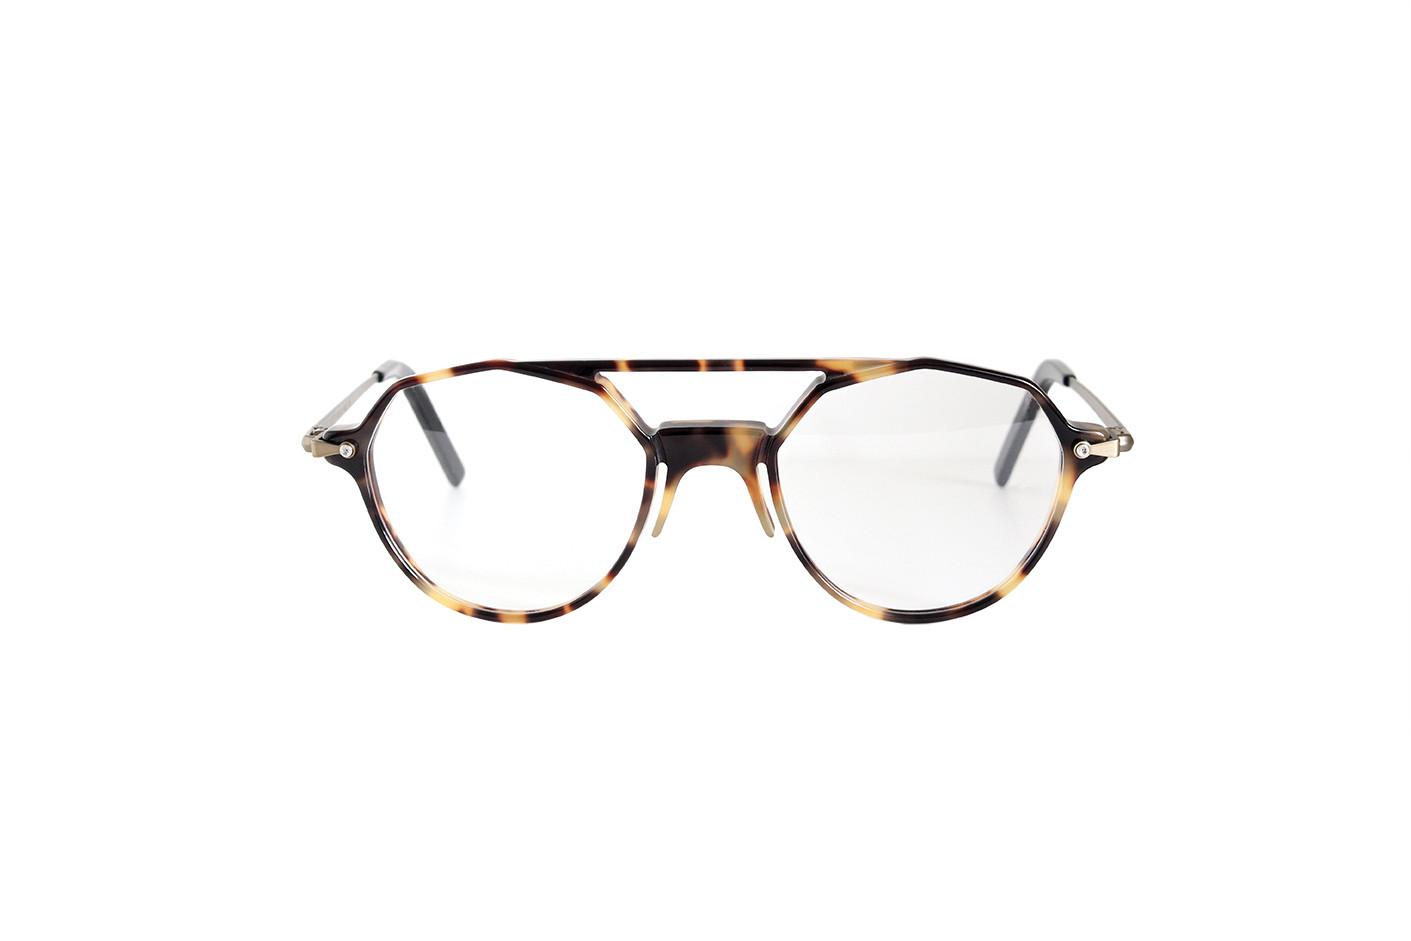 kleys-lunettes-francaises-marcel-2610-rv